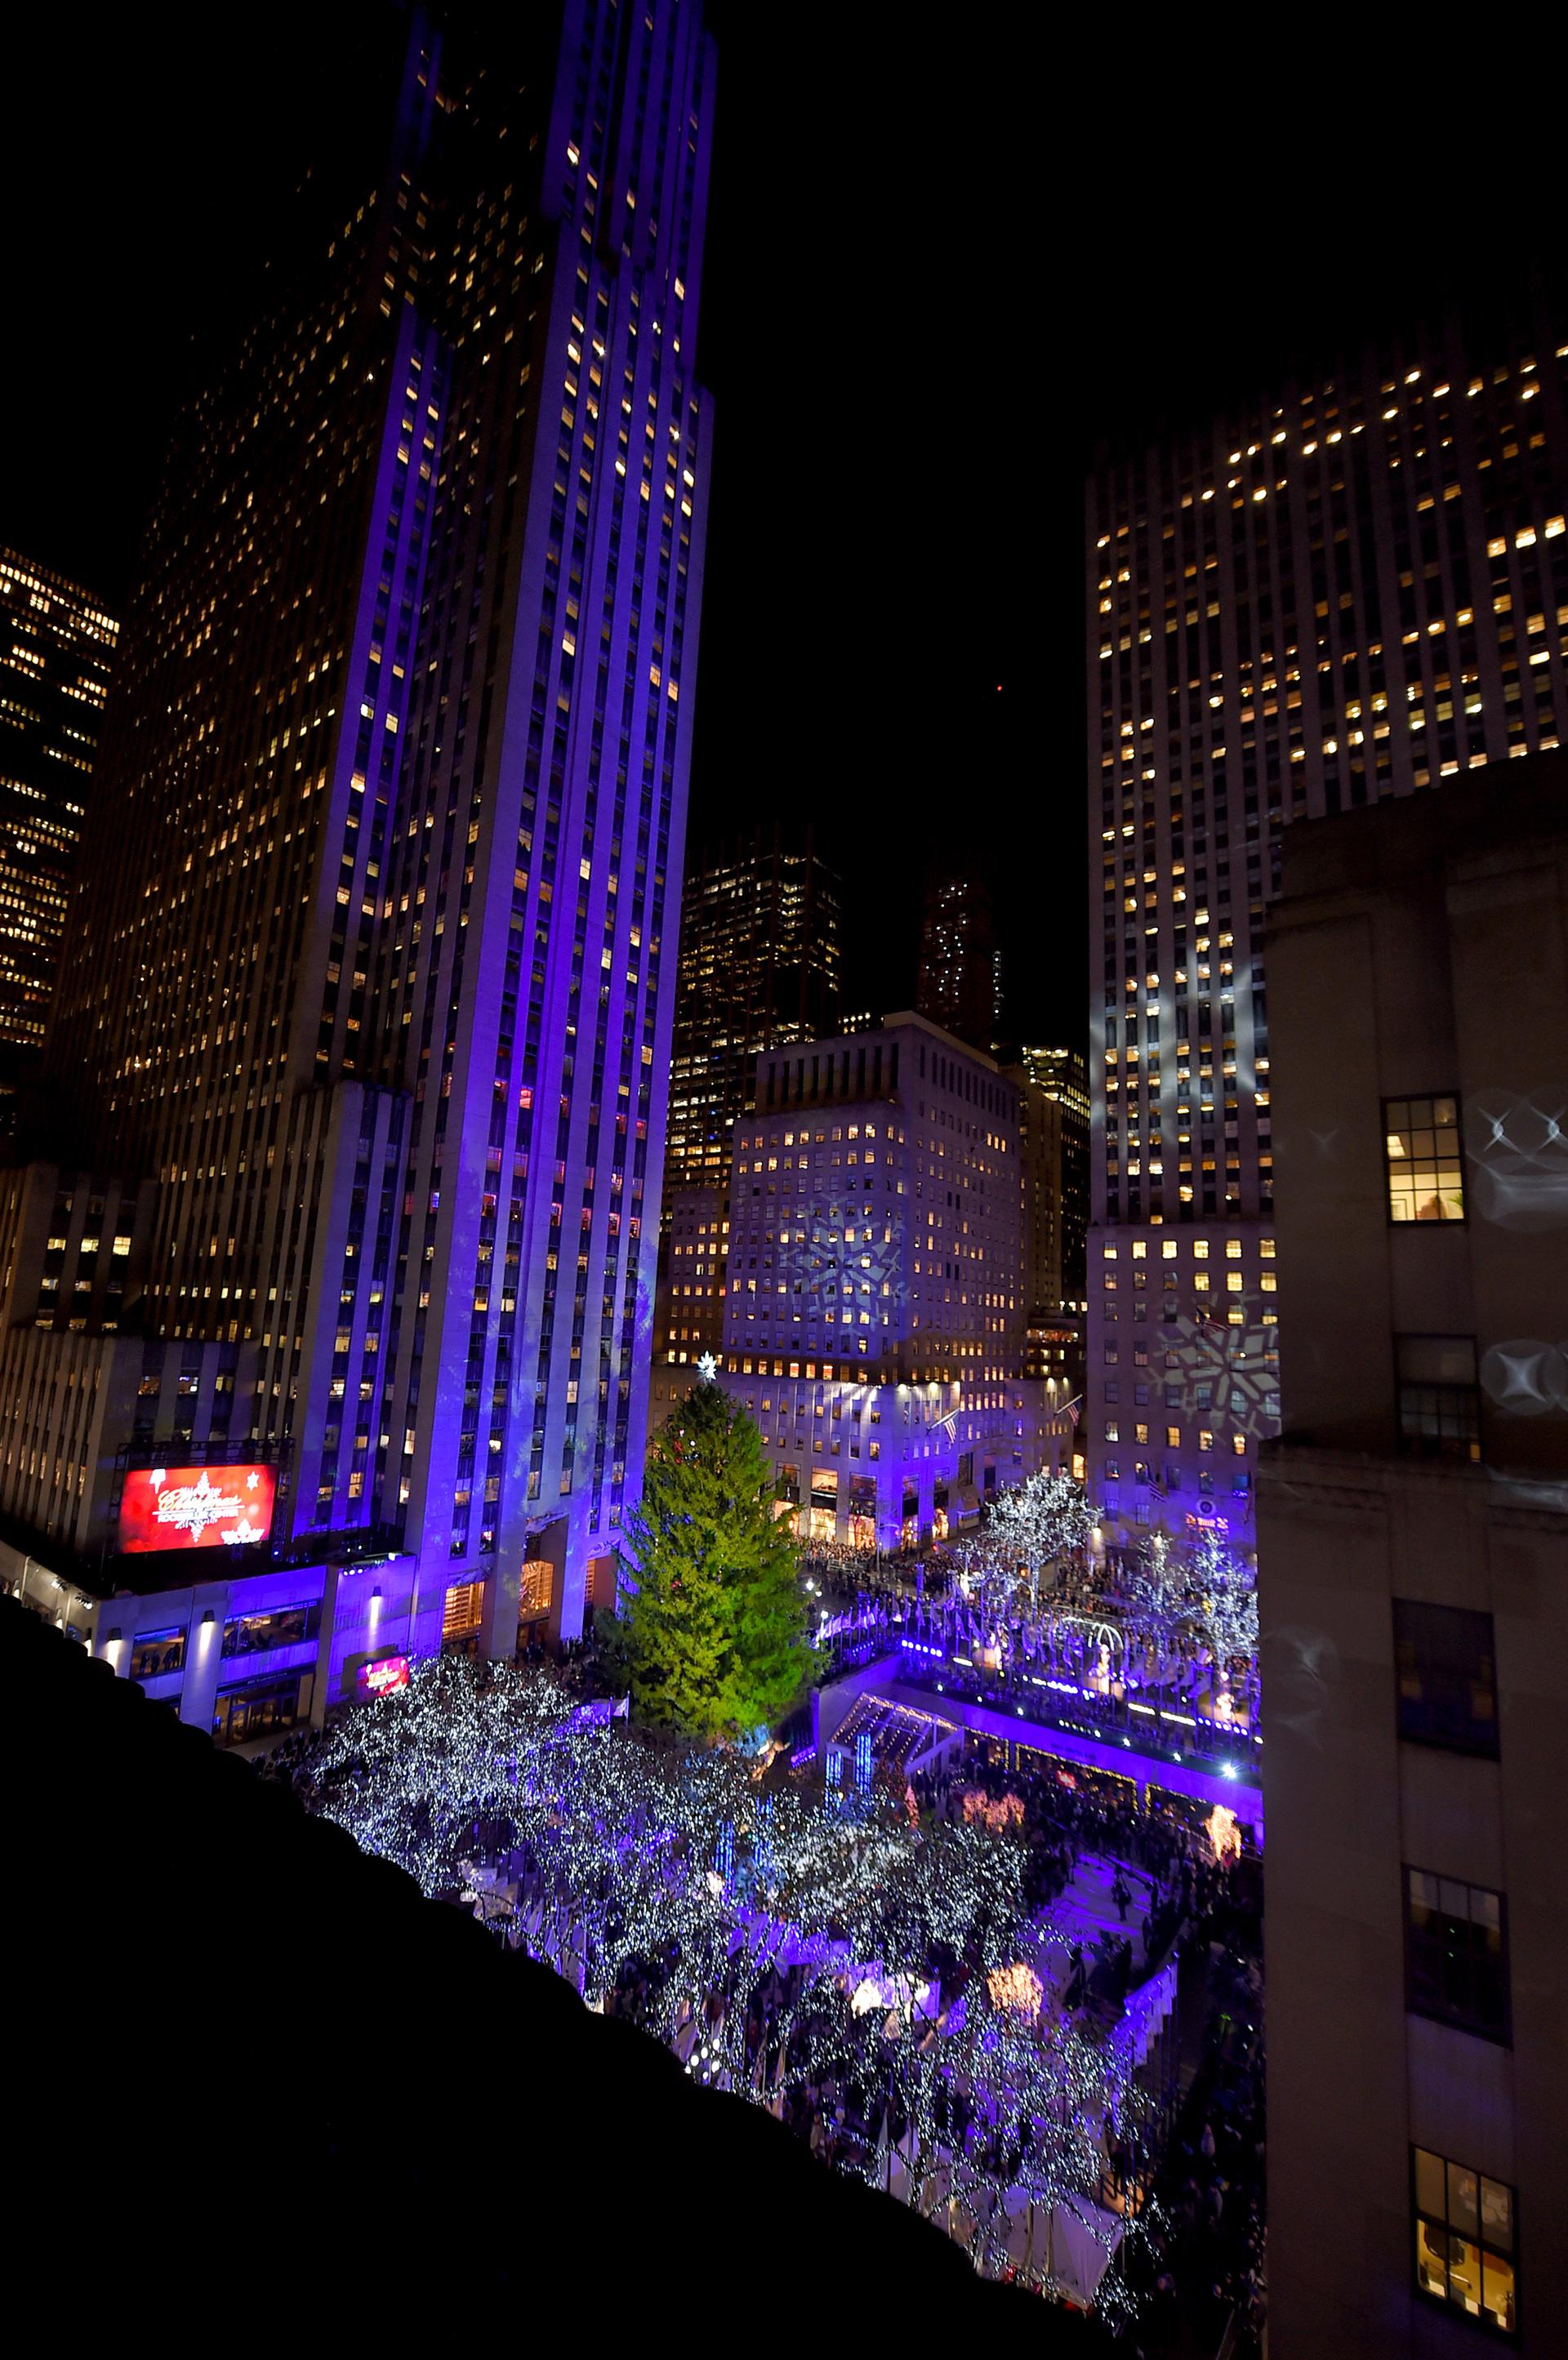 Este es el árbol 85 que se instala en el centro de Nueva York. Más de 500 mil personas pasan por allí cada día.